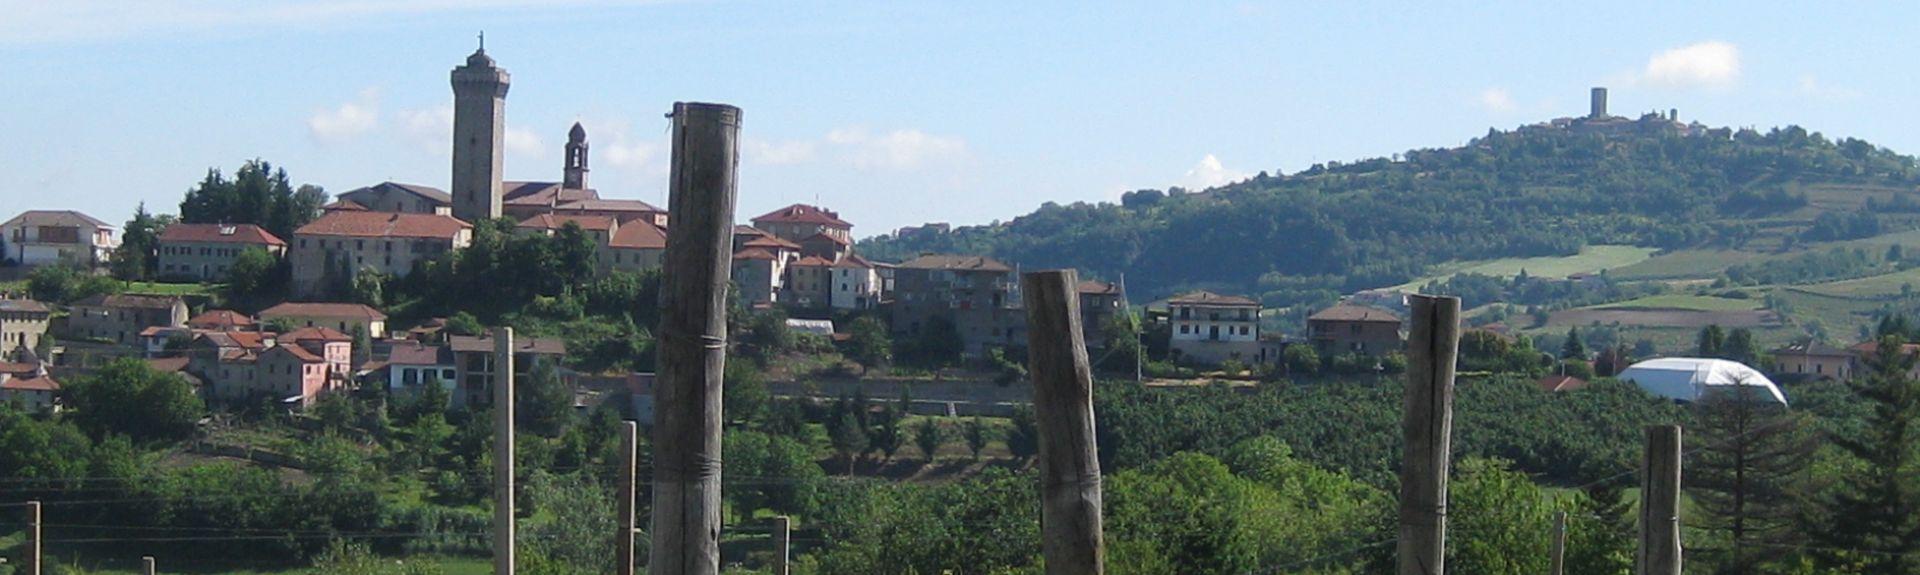 Vesime, Piemont, Włochy